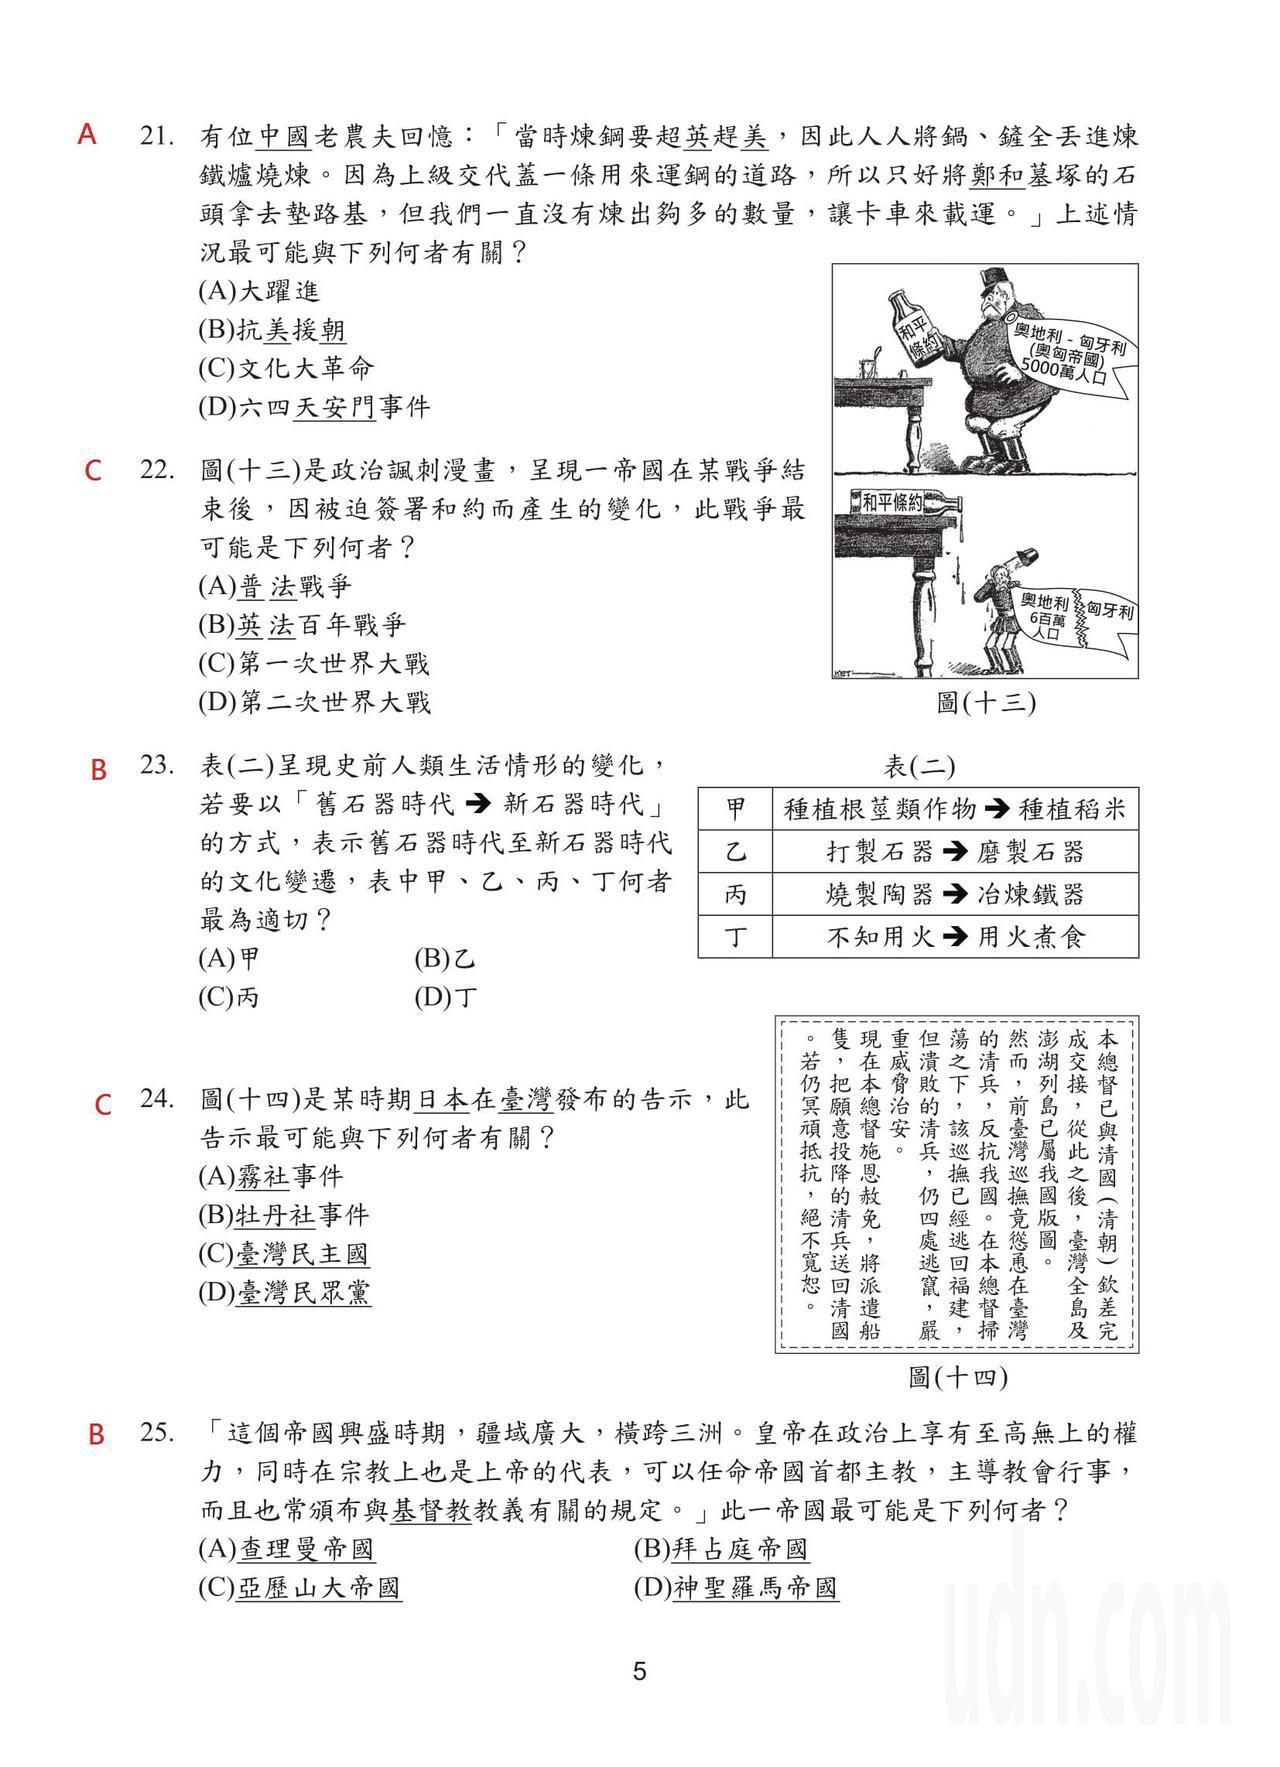 108國中會考社會科試題解答,第5頁。